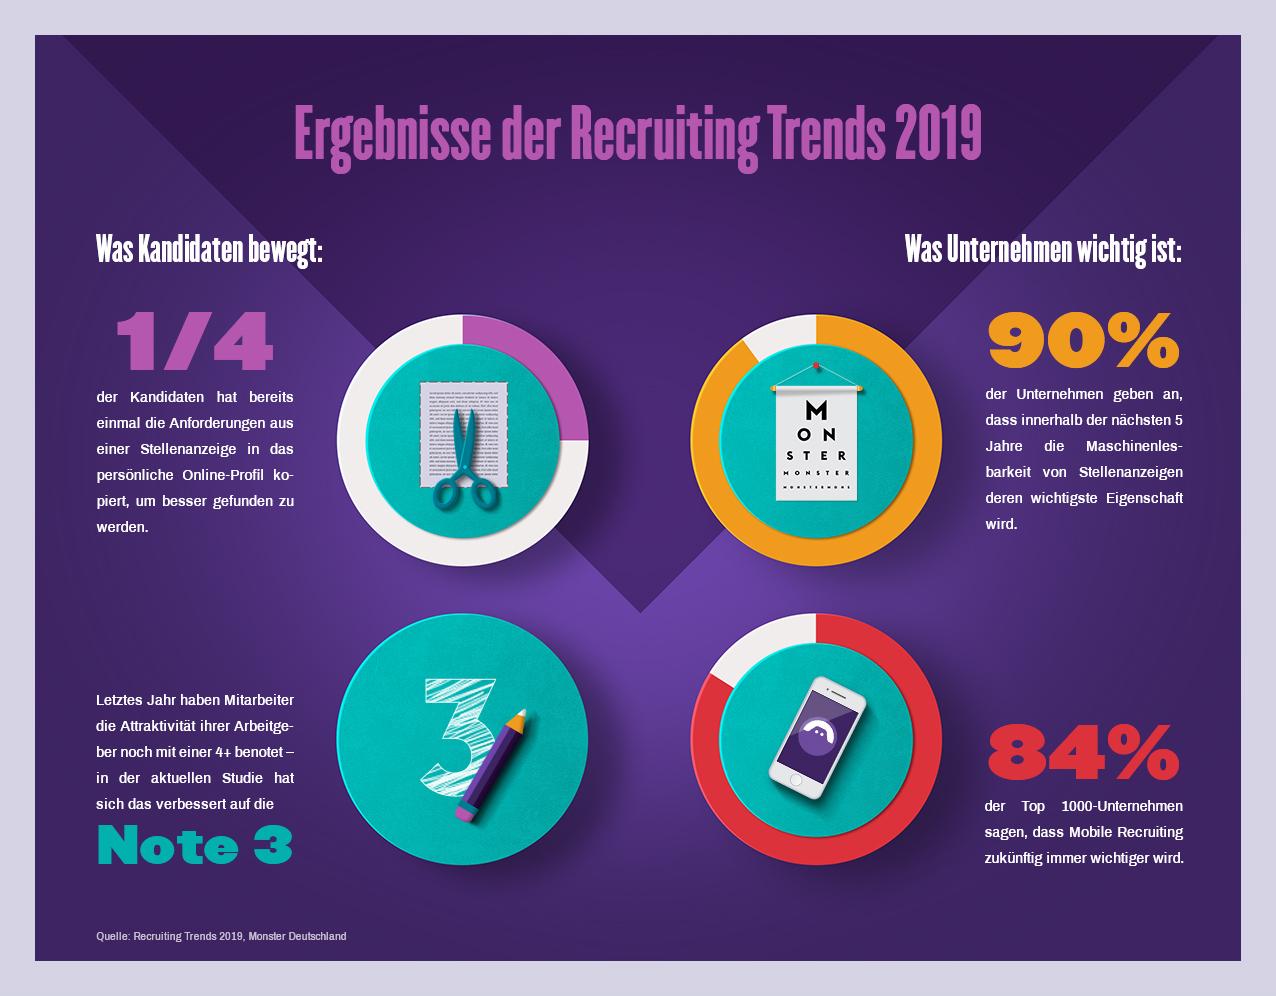 Recruiting Trends 2019: Digitalisierung und Menschlichkeit gehen Hand in Hand